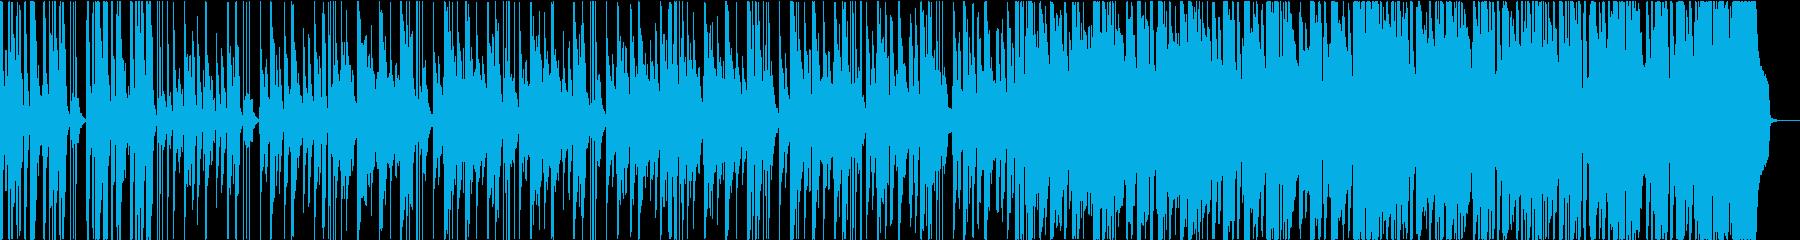 とぼけた日常のカントリーブルースの再生済みの波形